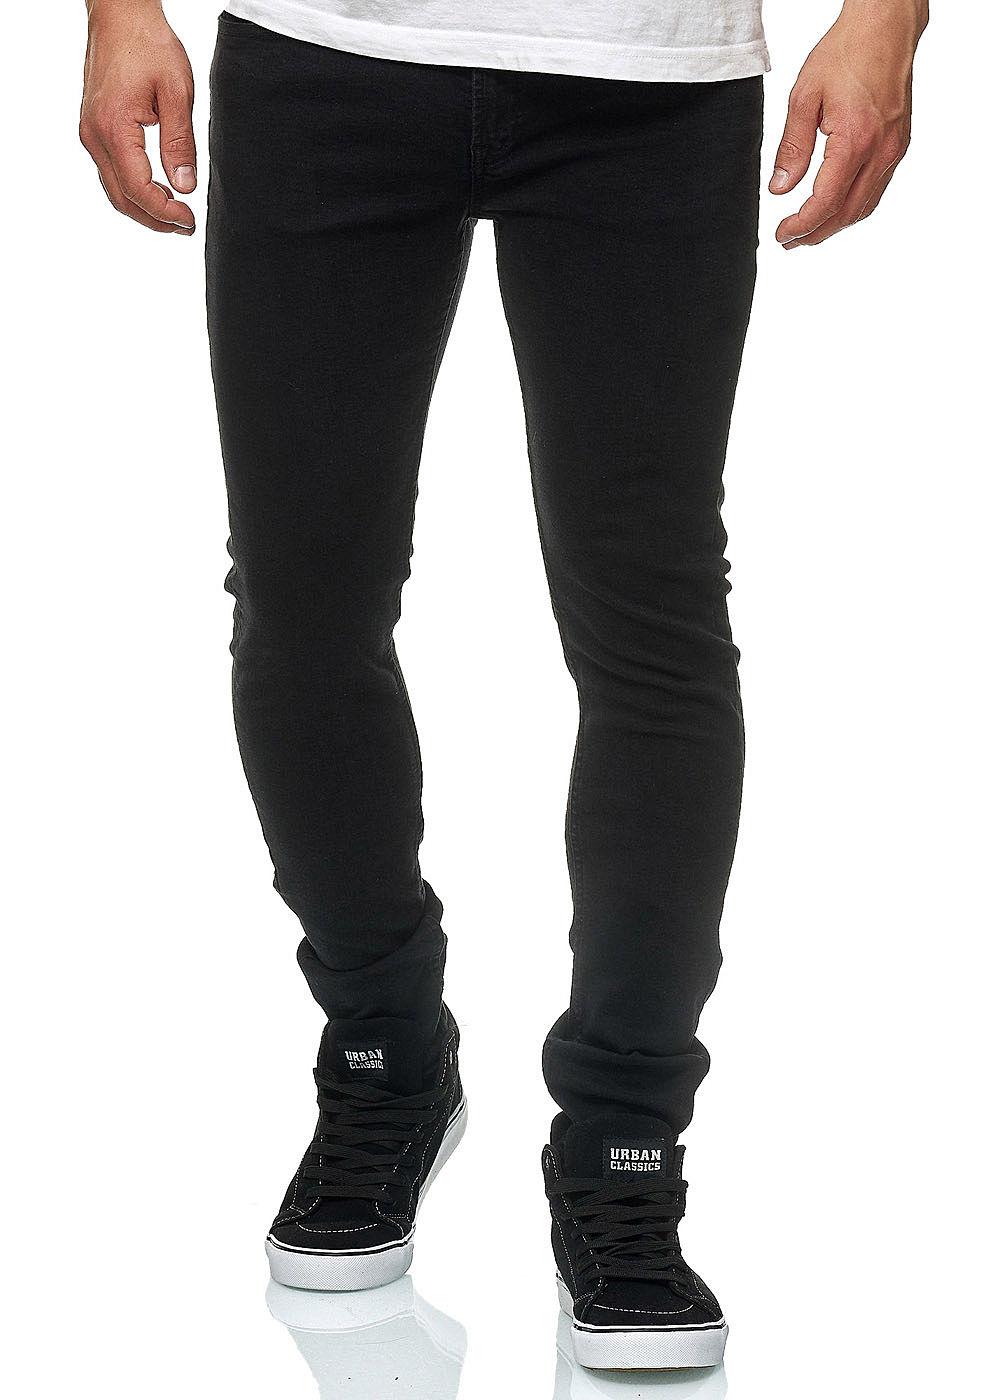 93d3e8dc2fbb25 Jack and Jones Herren Jeans Hose Slim Fit 5-Pockets schwarz denim ...